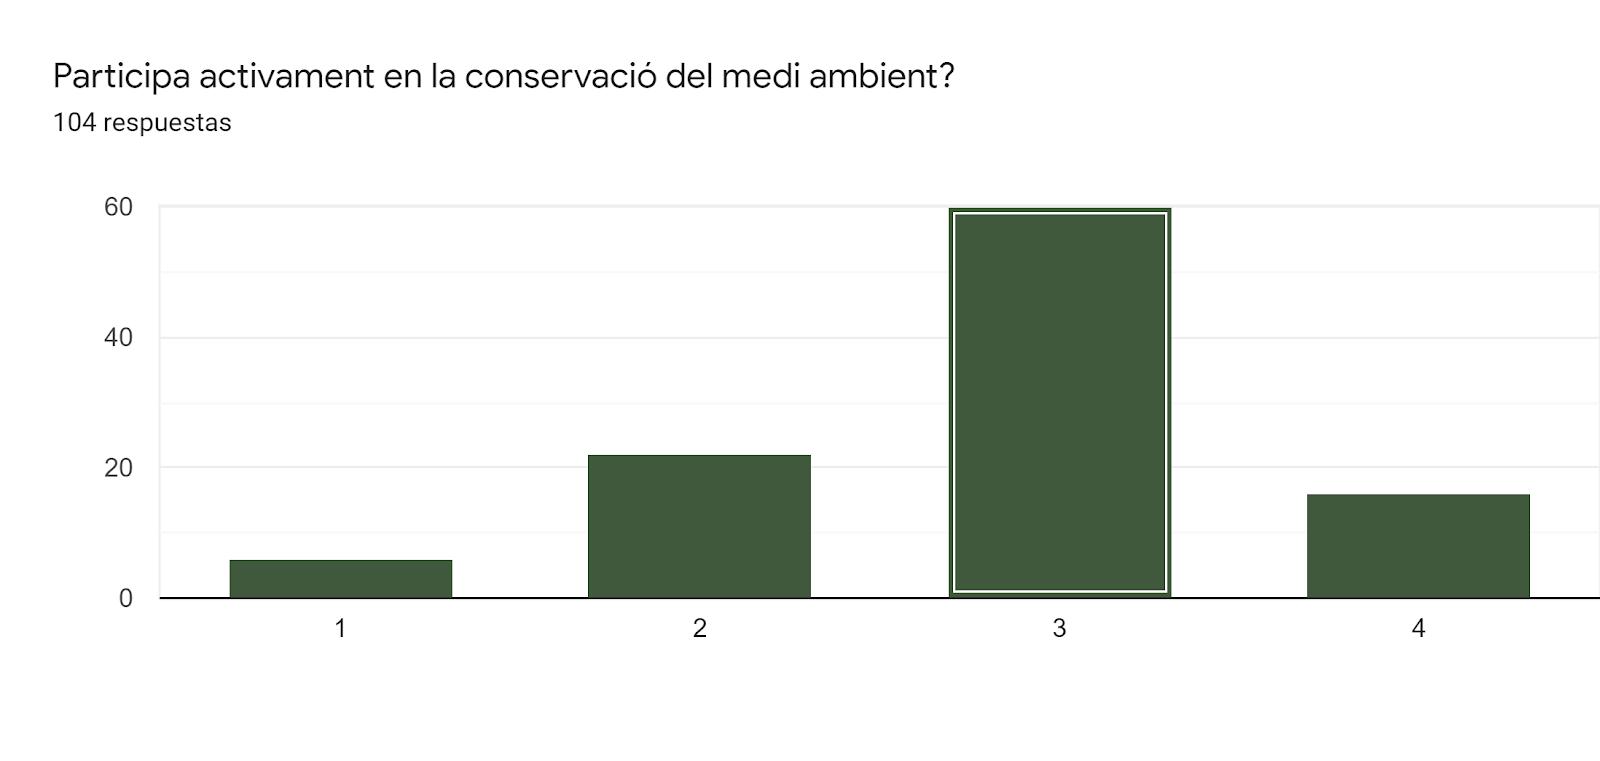 Gráfico de respuestas de formularios. Título de la pregunta:Participa activament en la conservació del medi ambient?. Número de respuestas:104 respuestas.